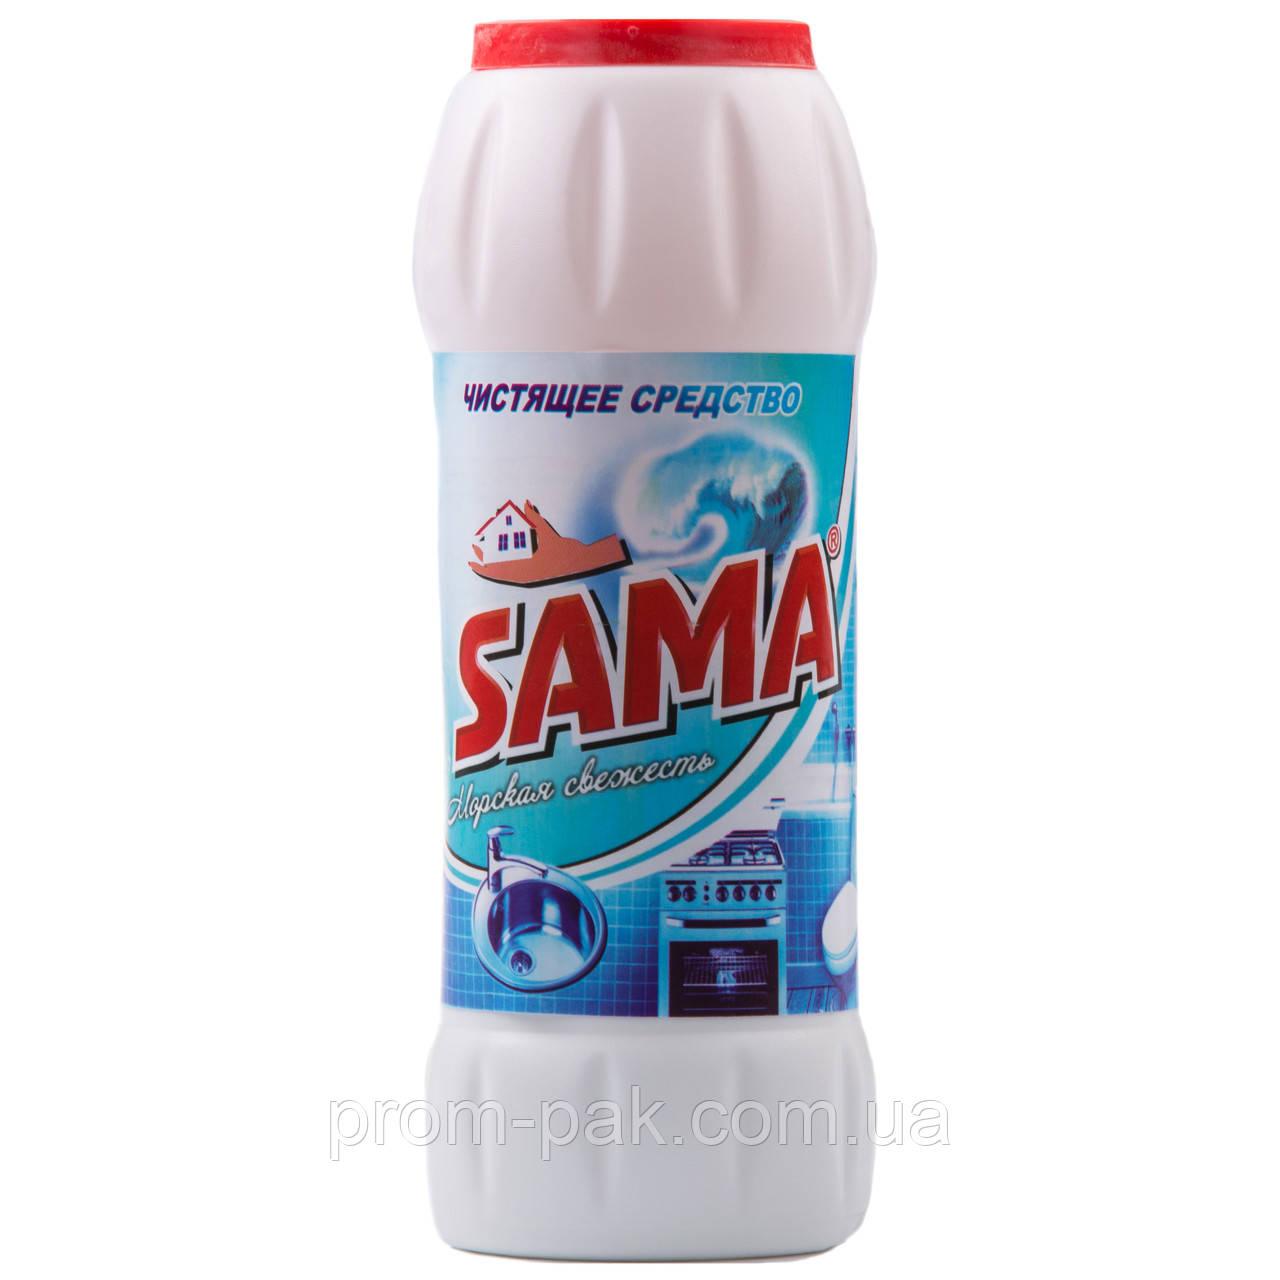 Чистящее средство САМА  500 г Морская свежесть